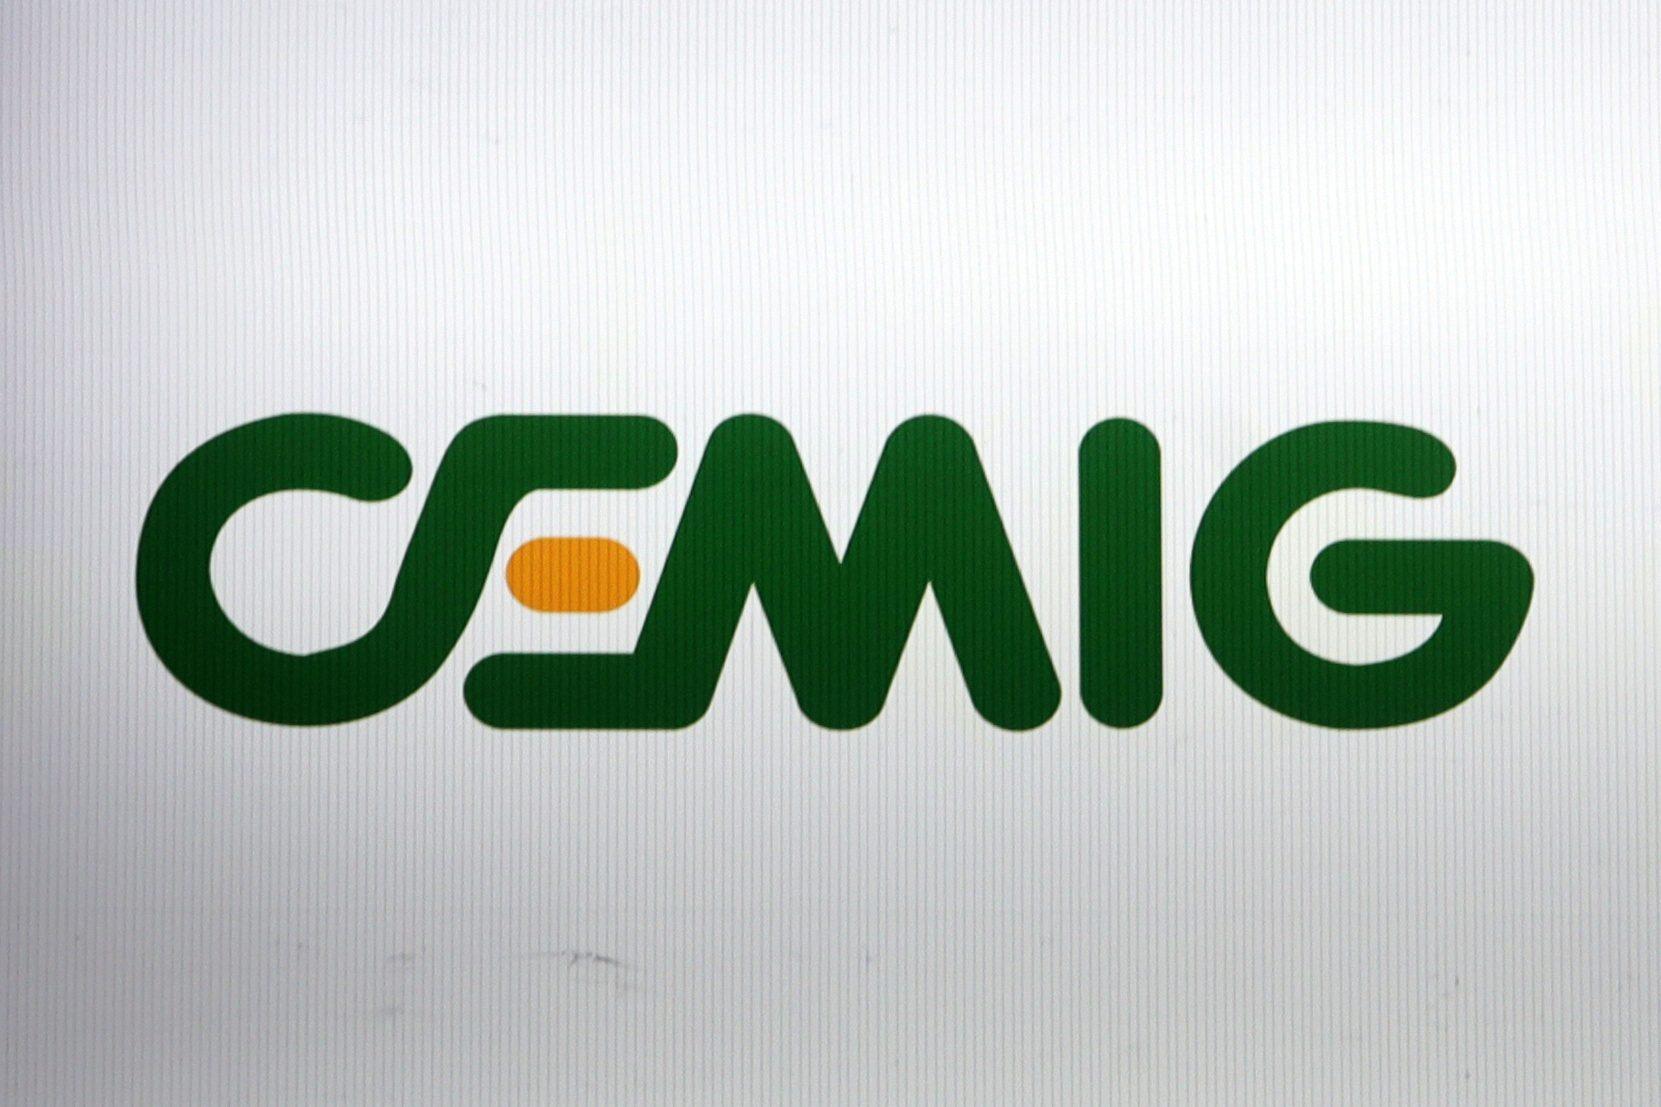 Logo da Cemig em painel na bolsa de valores de São Paulo (SP)